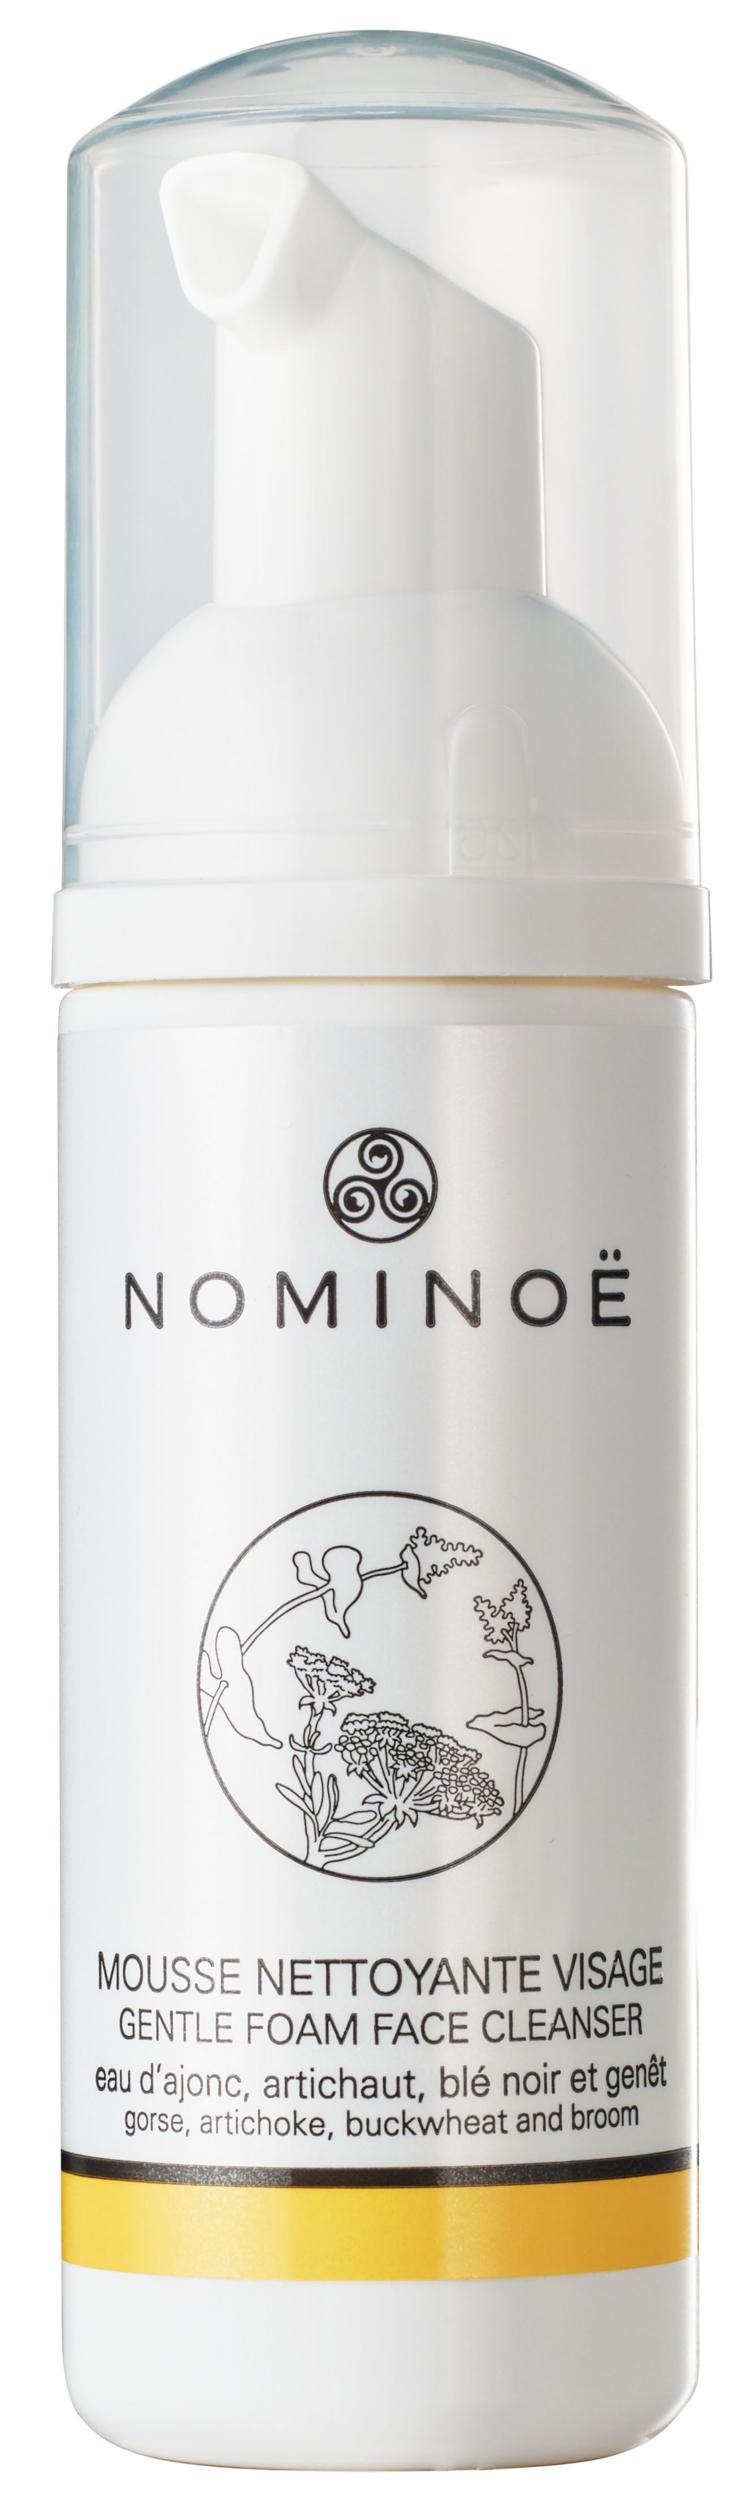 Nominoë - Mousse Nettoyante Voyage 50 ml